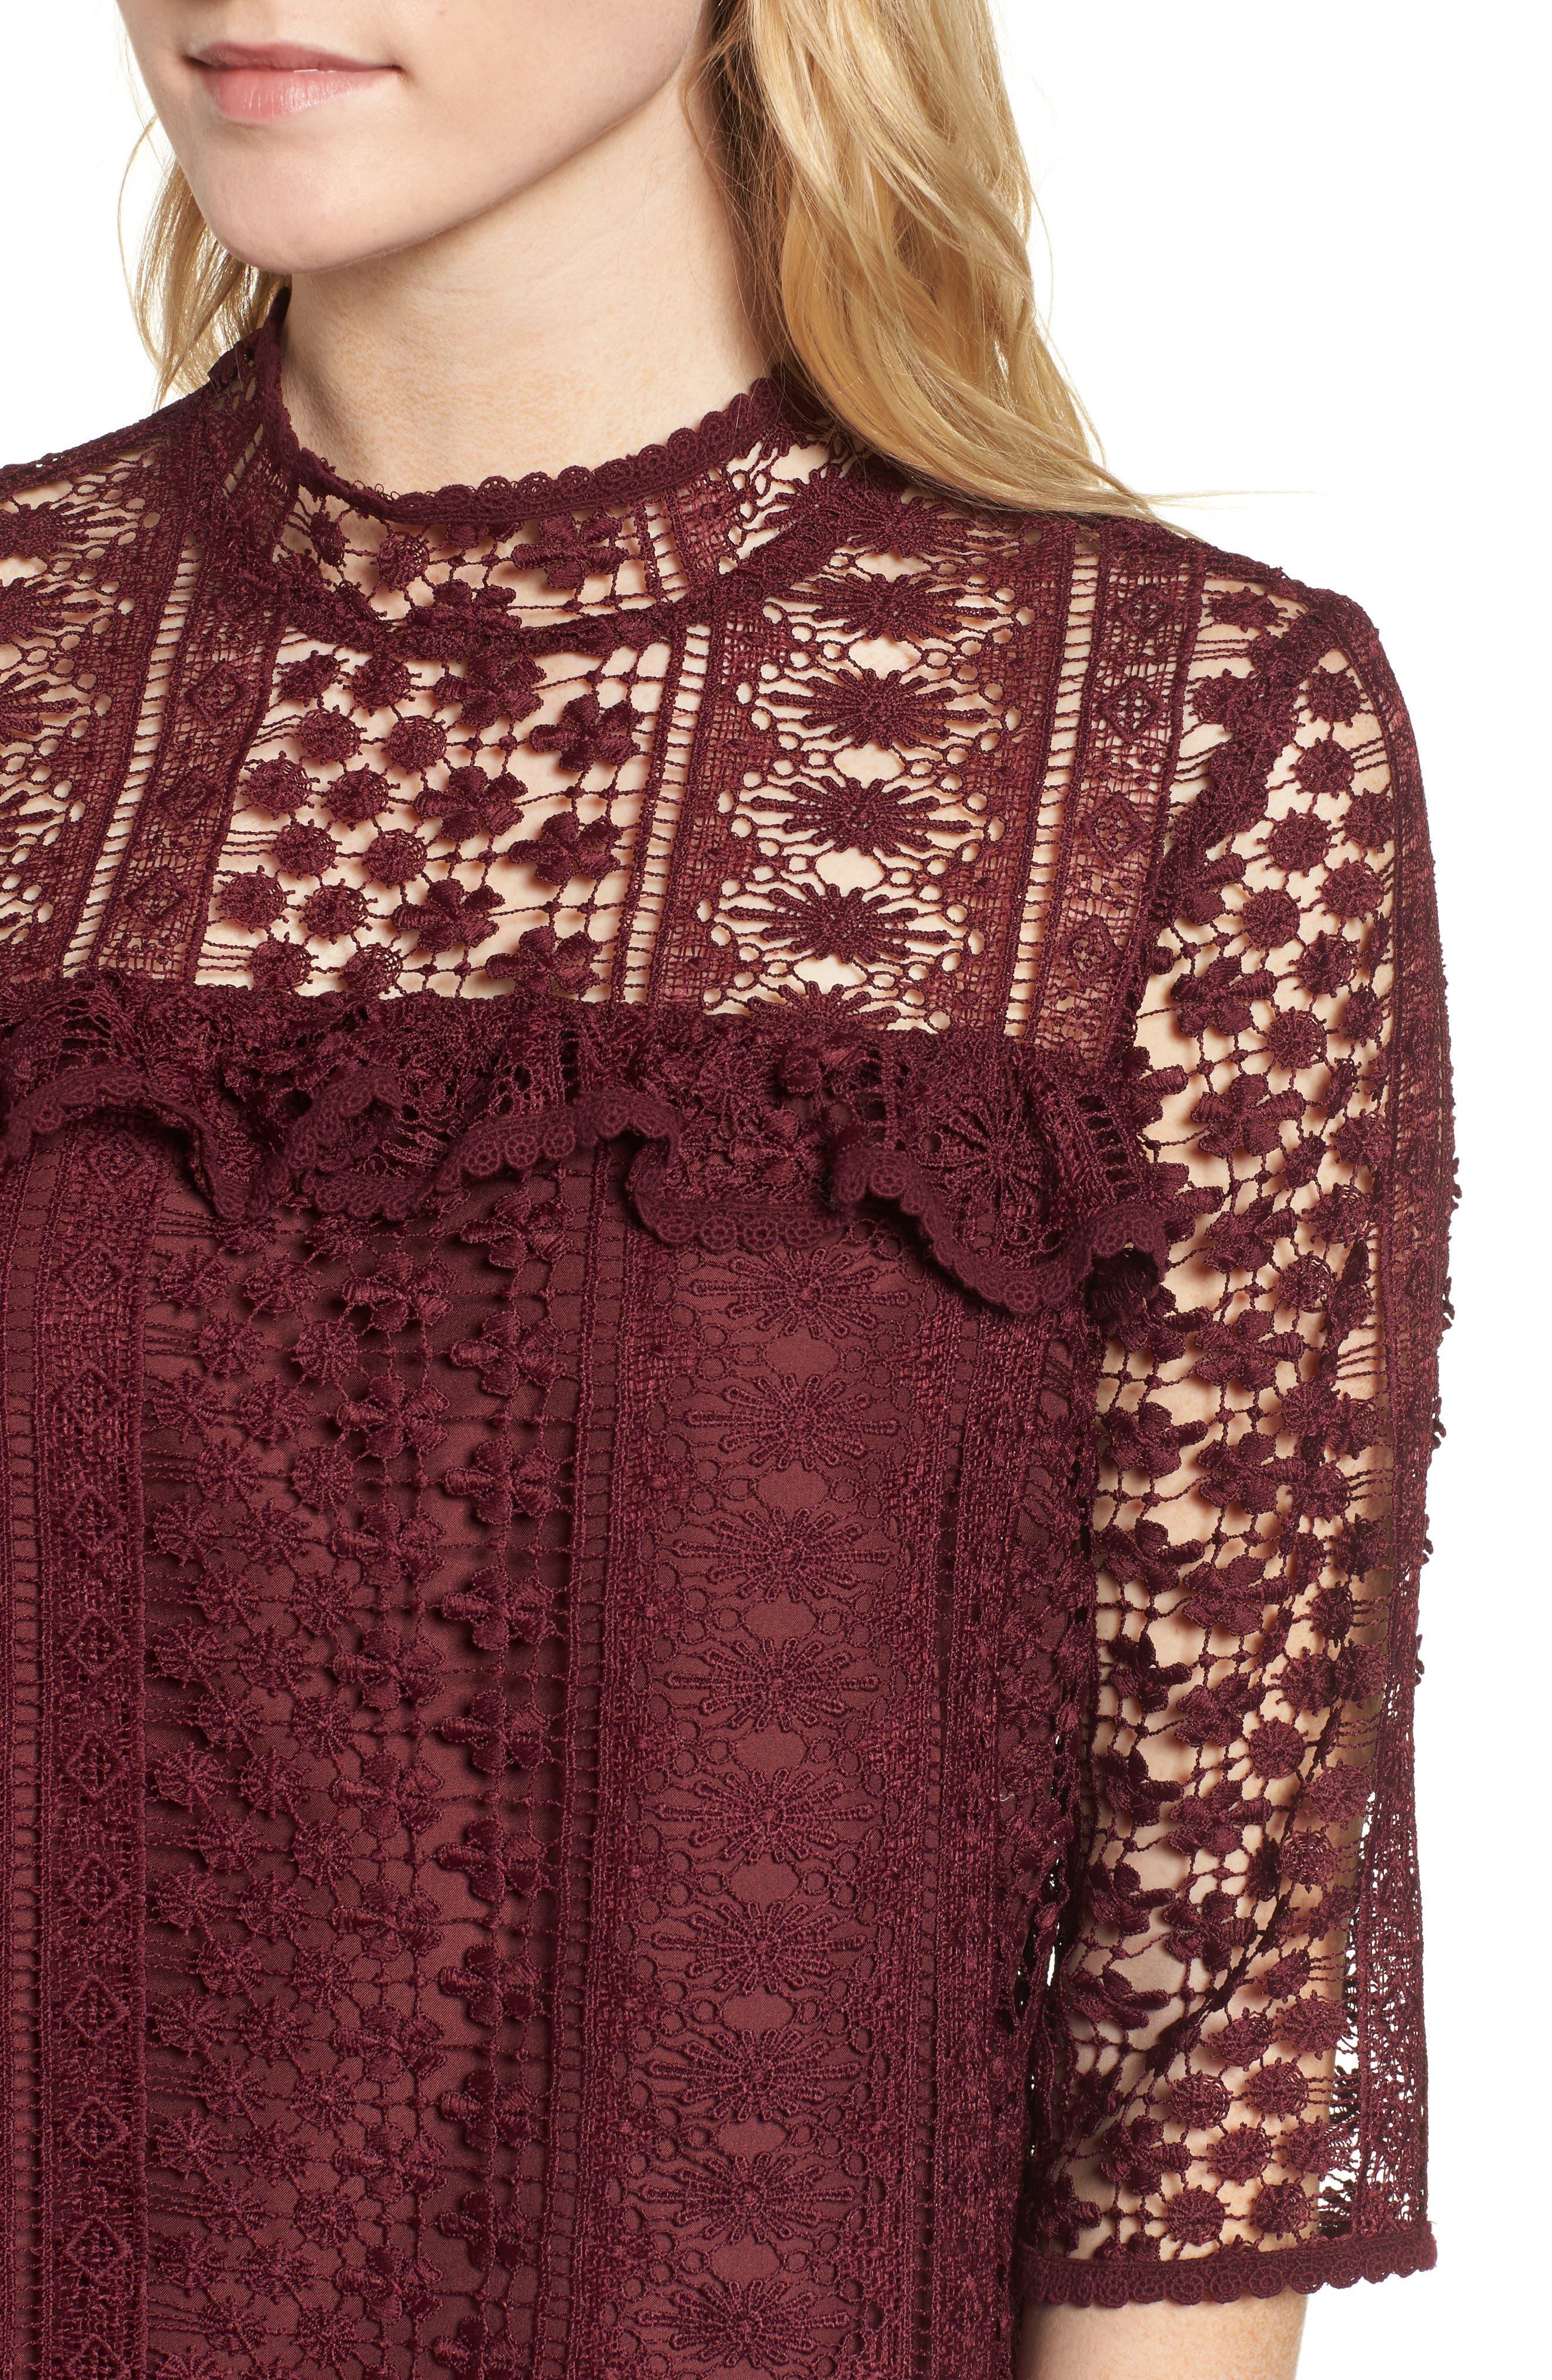 Kebecka Lace Top,                             Alternate thumbnail 4, color,                             901